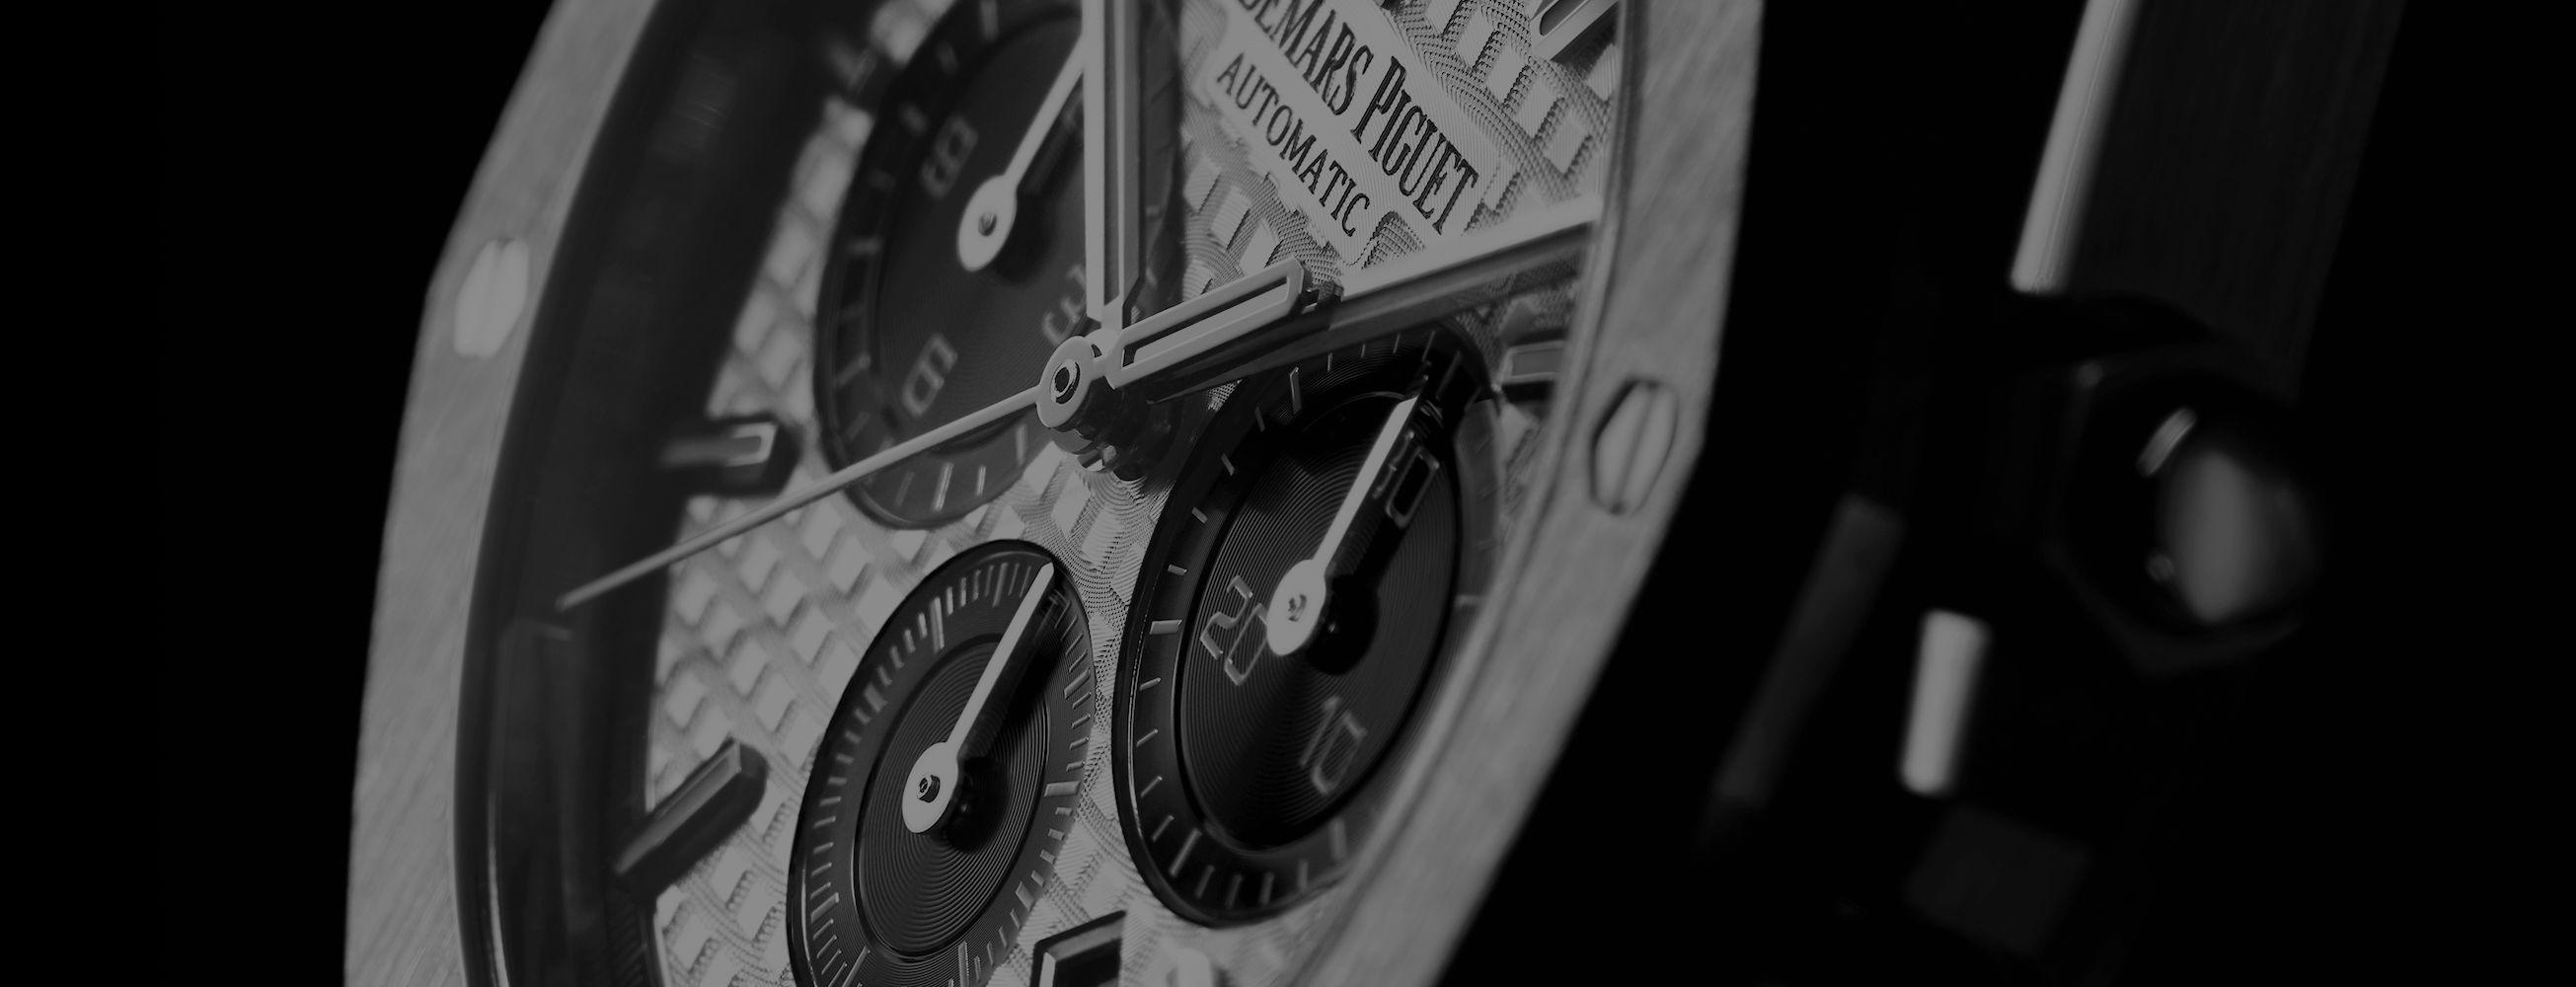 Audemars Piguet Uhren